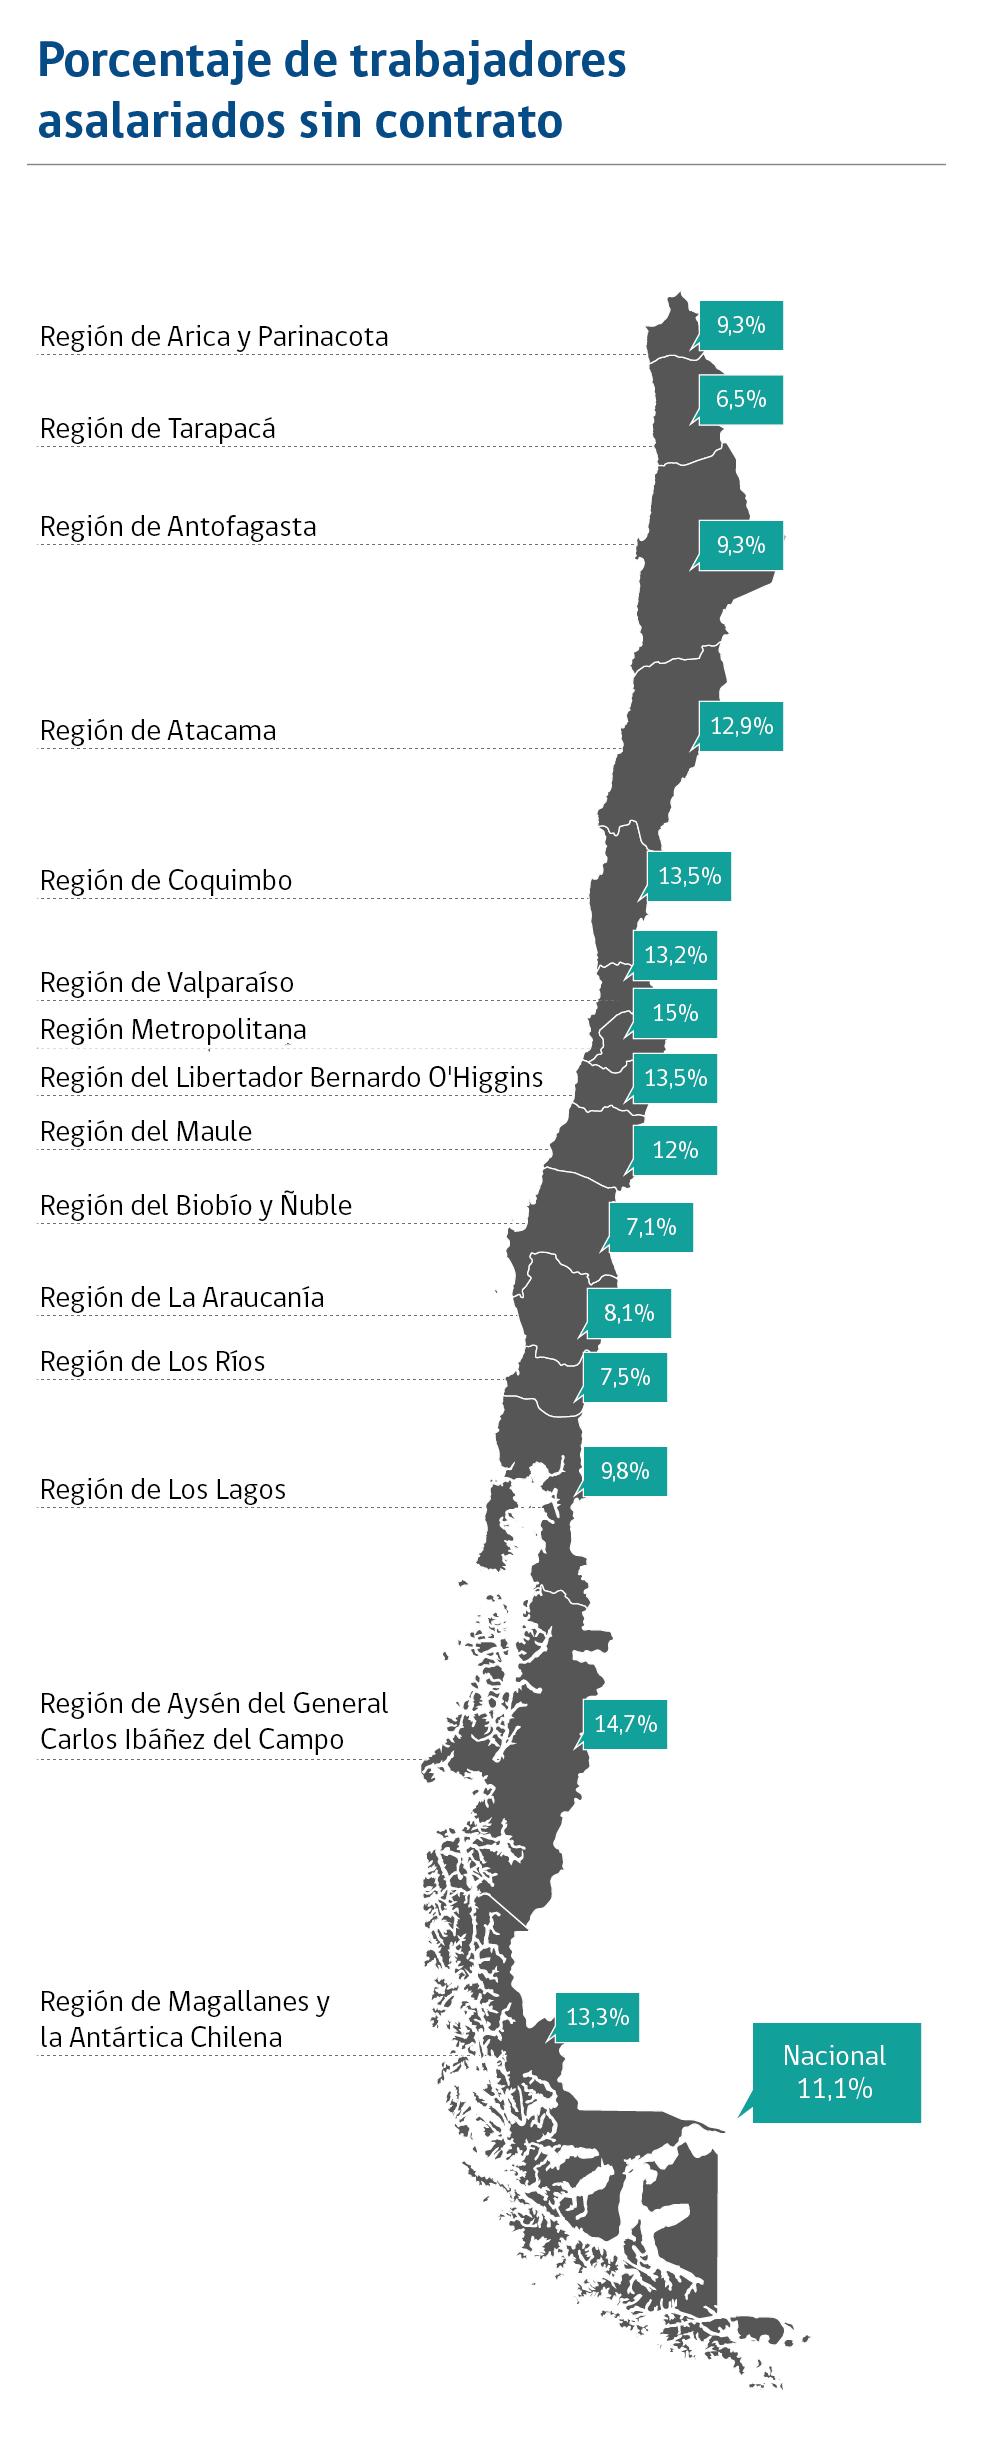 Porcentaje de trabajadores asalariados sin contrato.